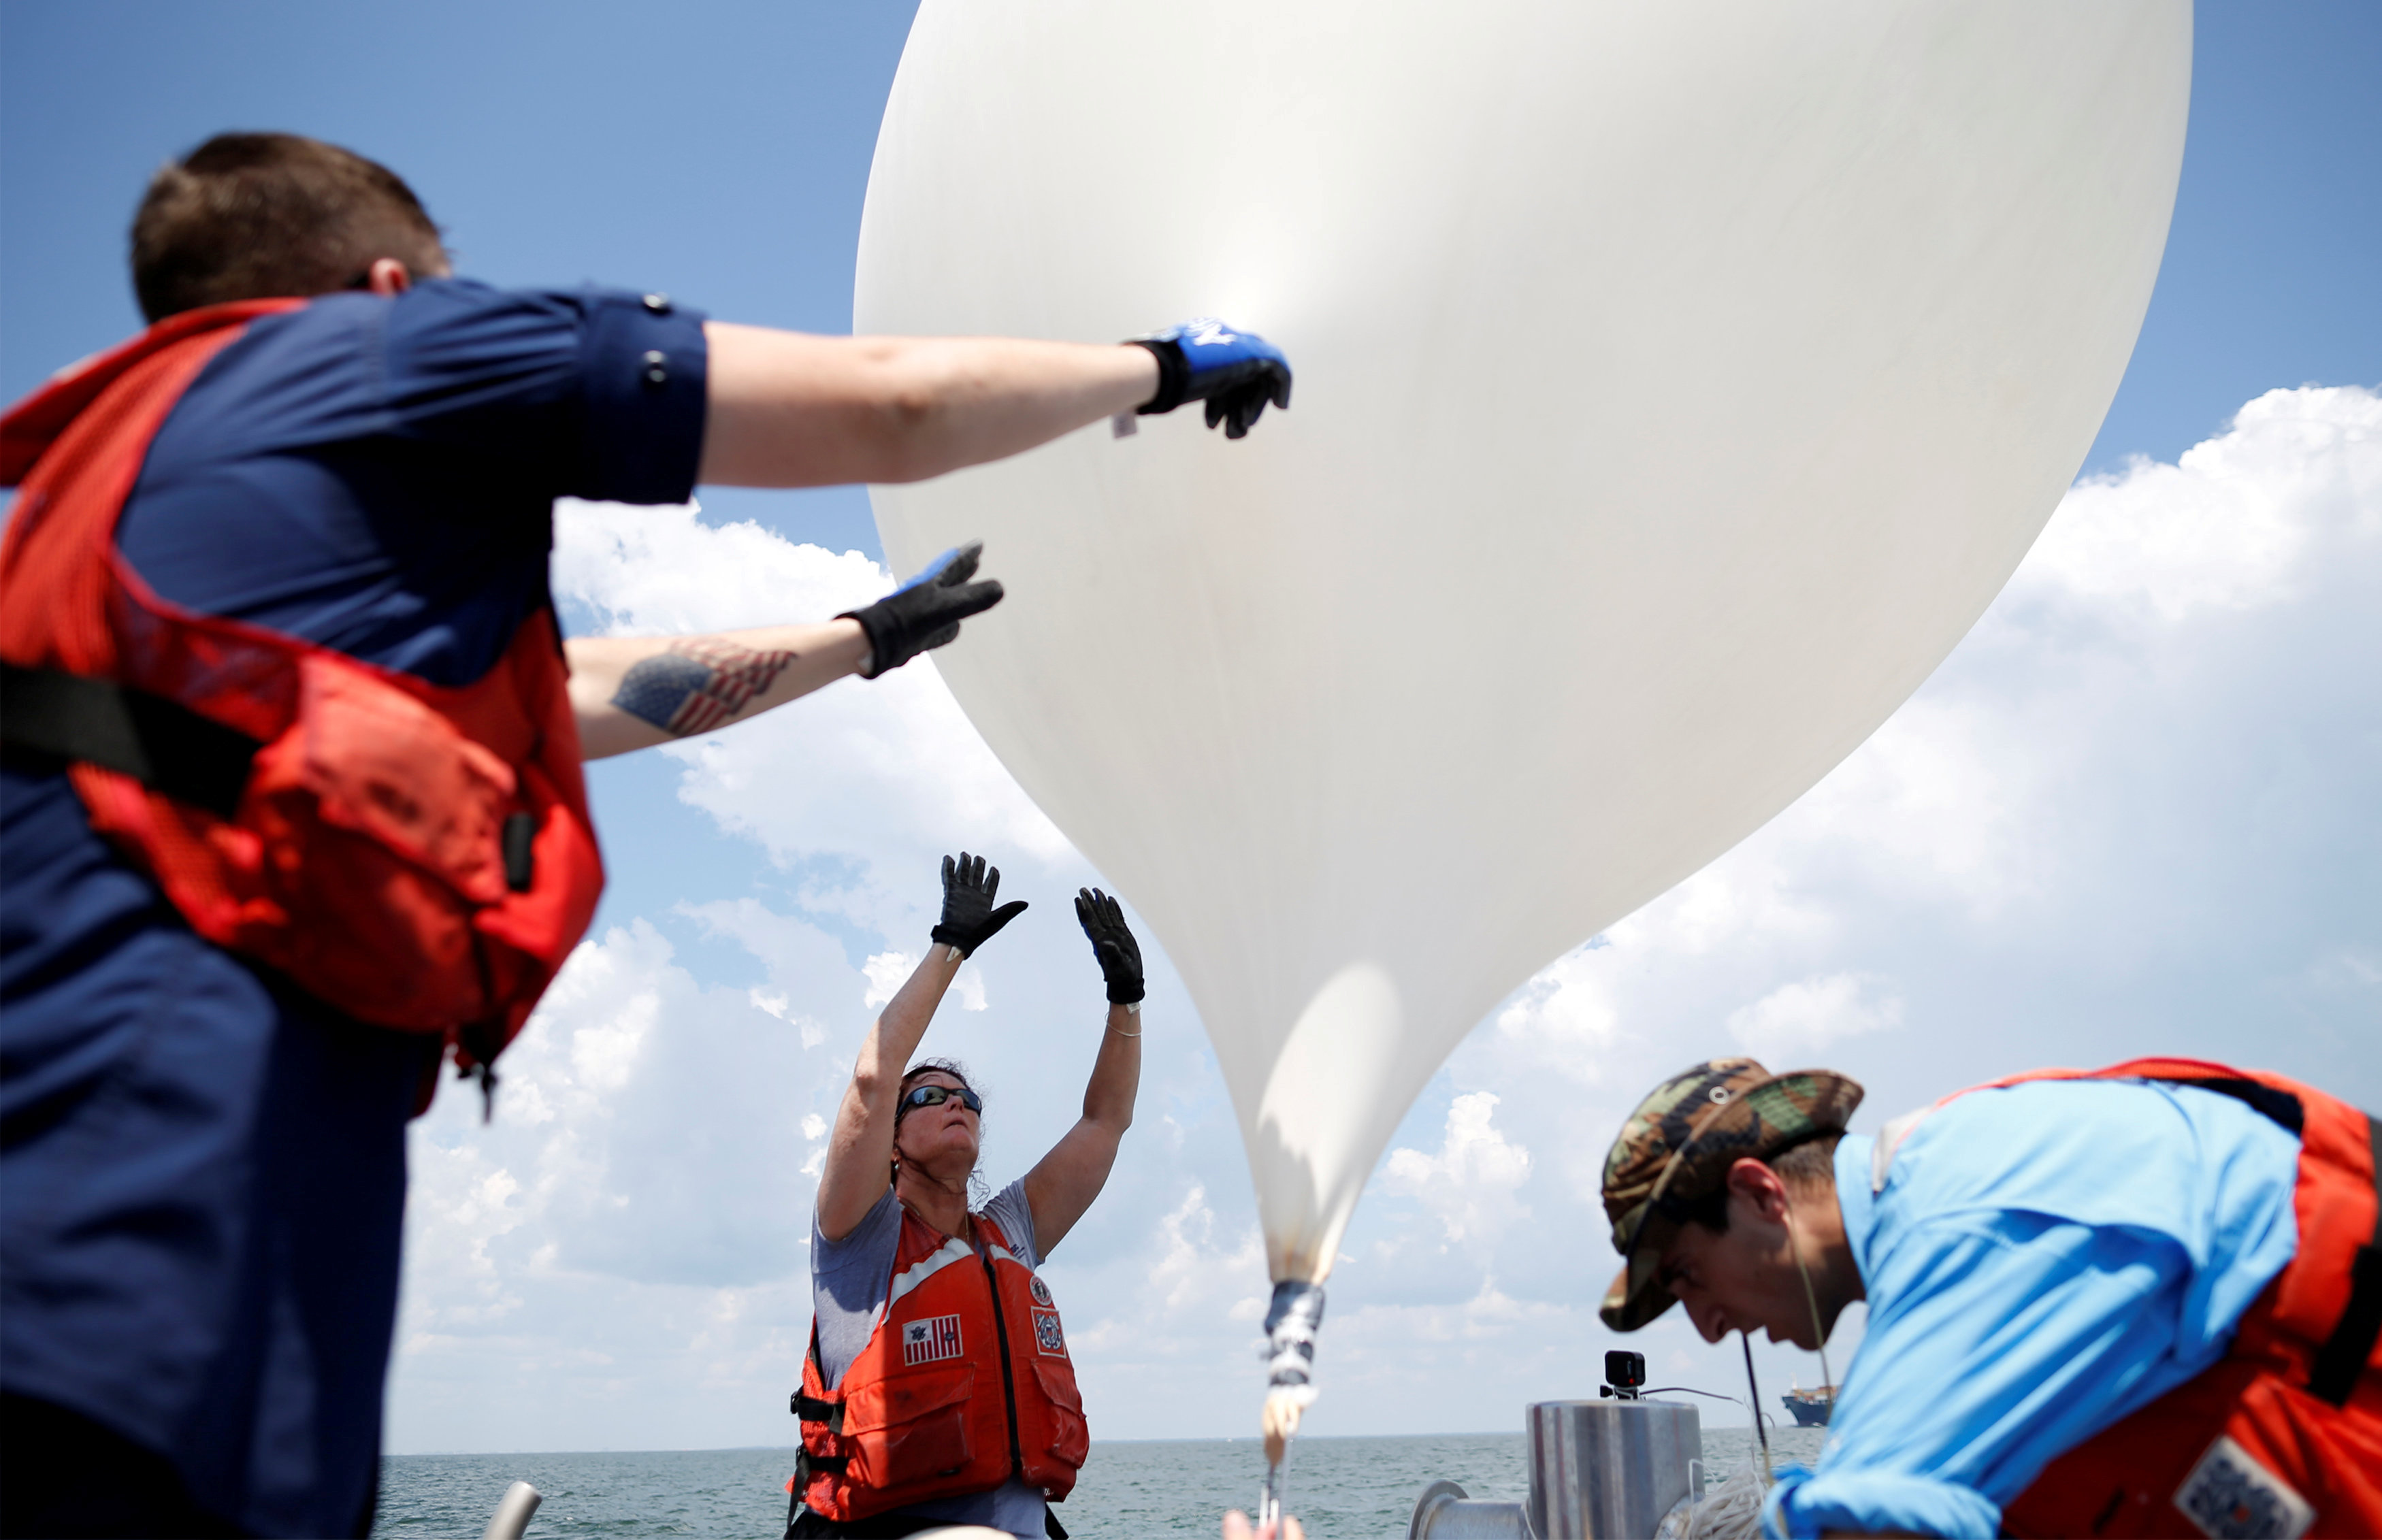 العلماء يطلقون منطاد هواء لاتقاط البث المباشر للحظات الكسوف